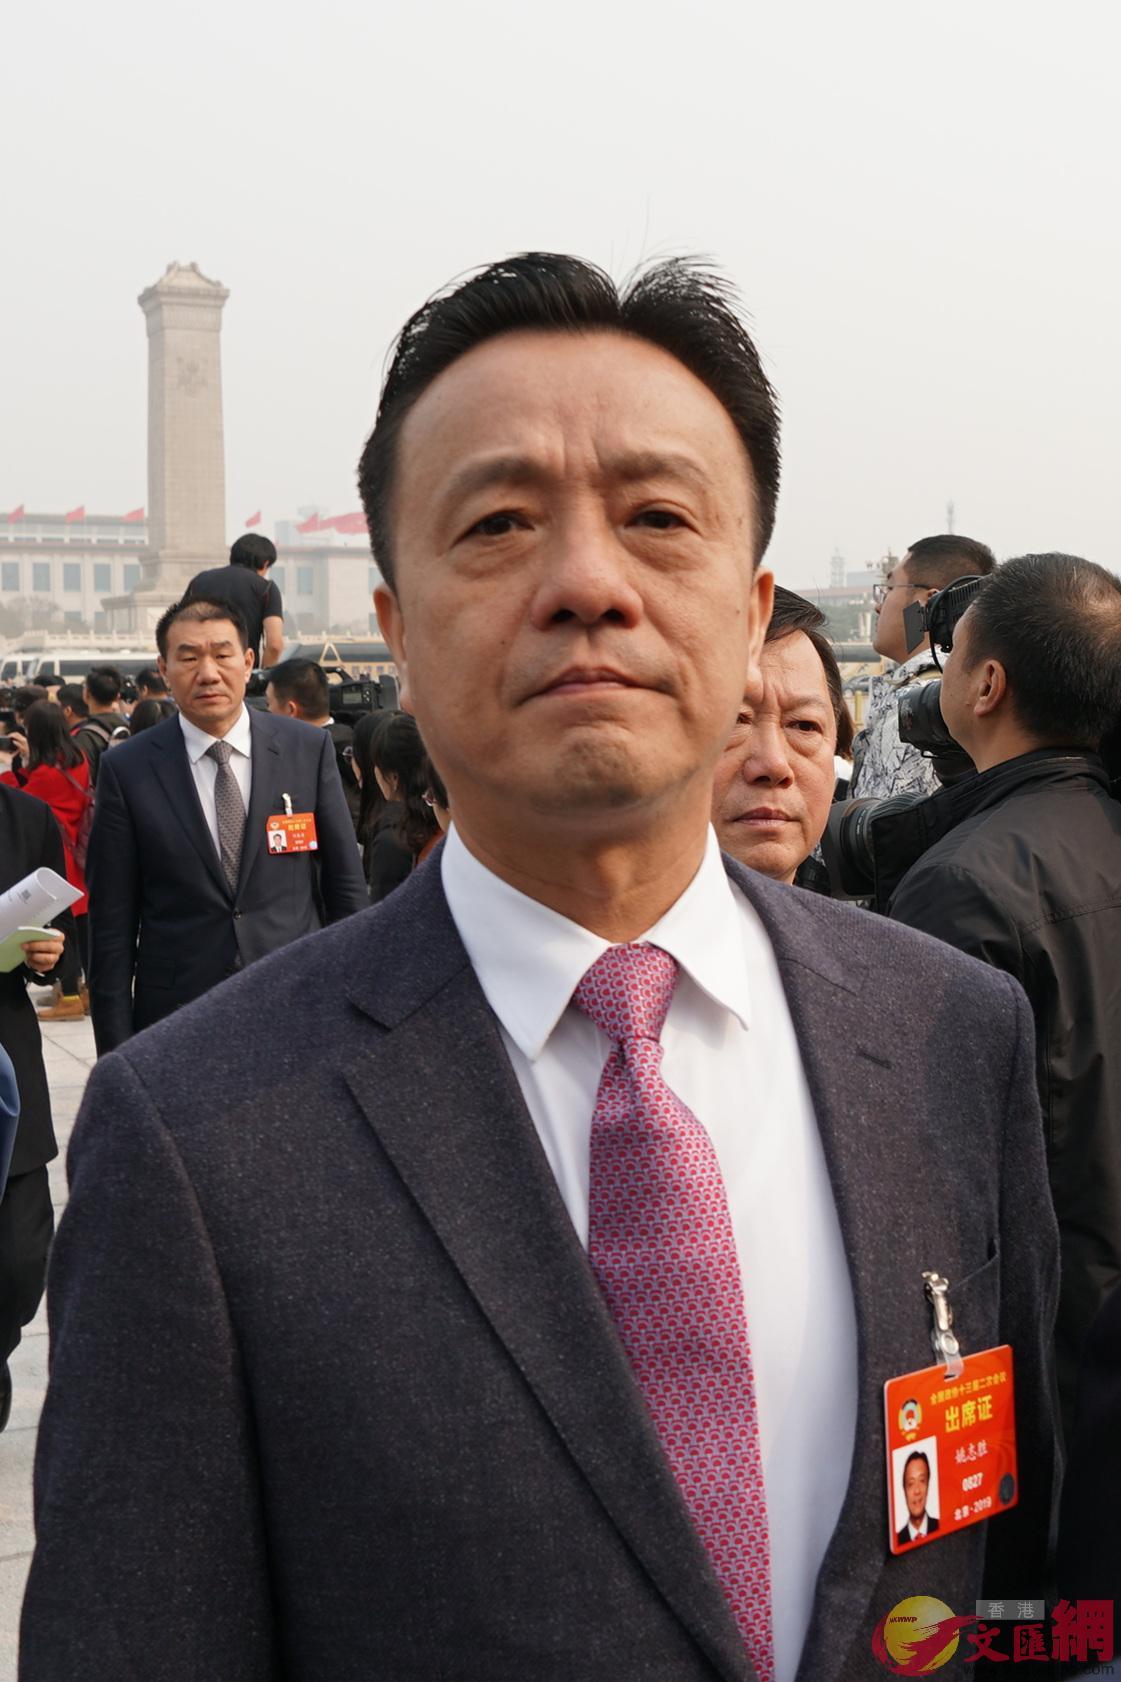 姚志胜:加强港台青年「反独促统」 - 香港文汇网